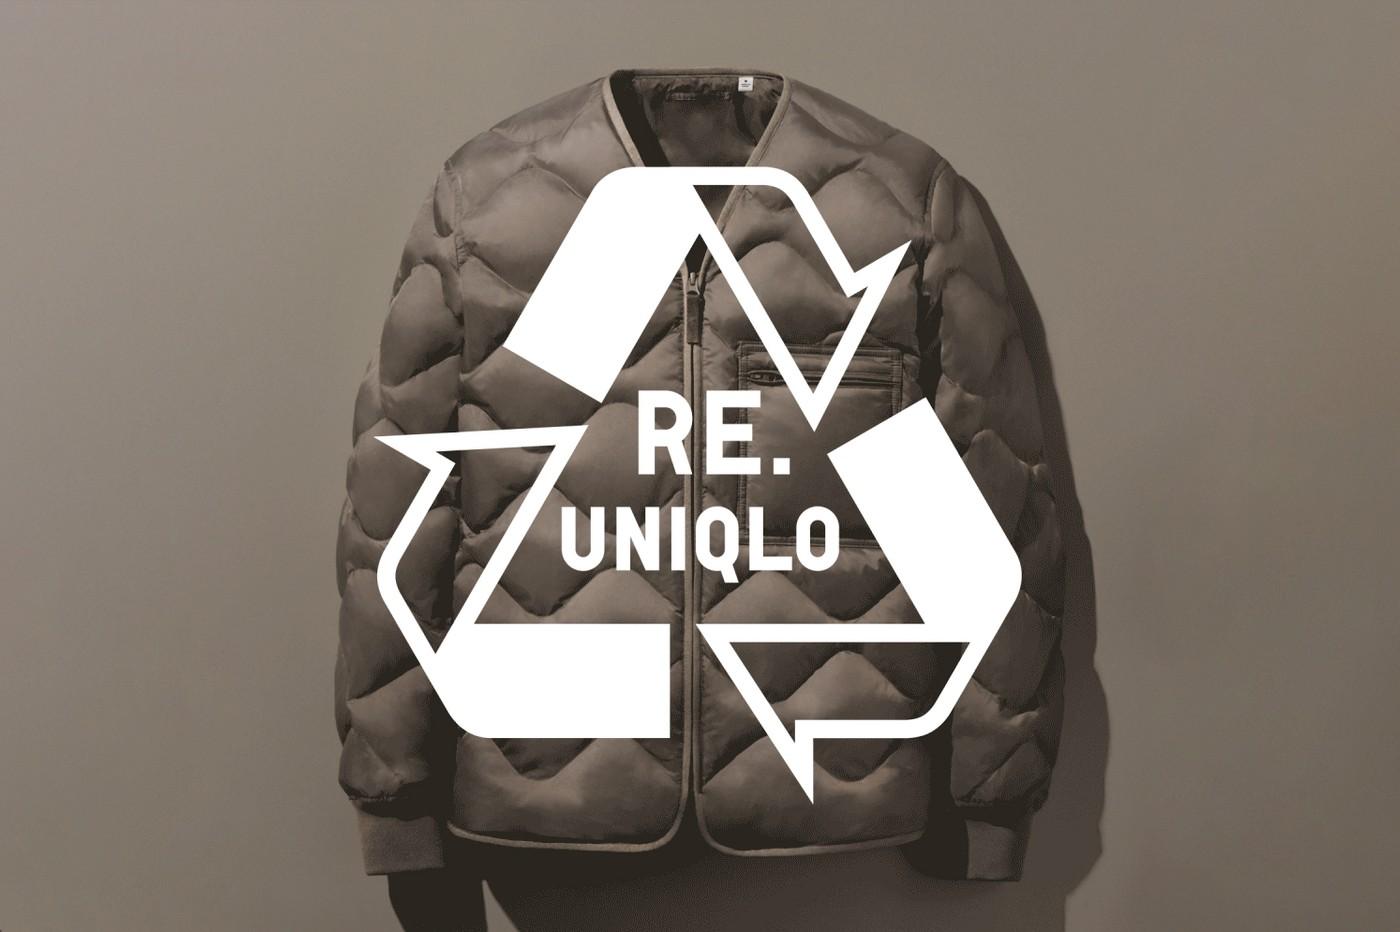 优衣库宣布 UNIQLO 回收可持续发展计划